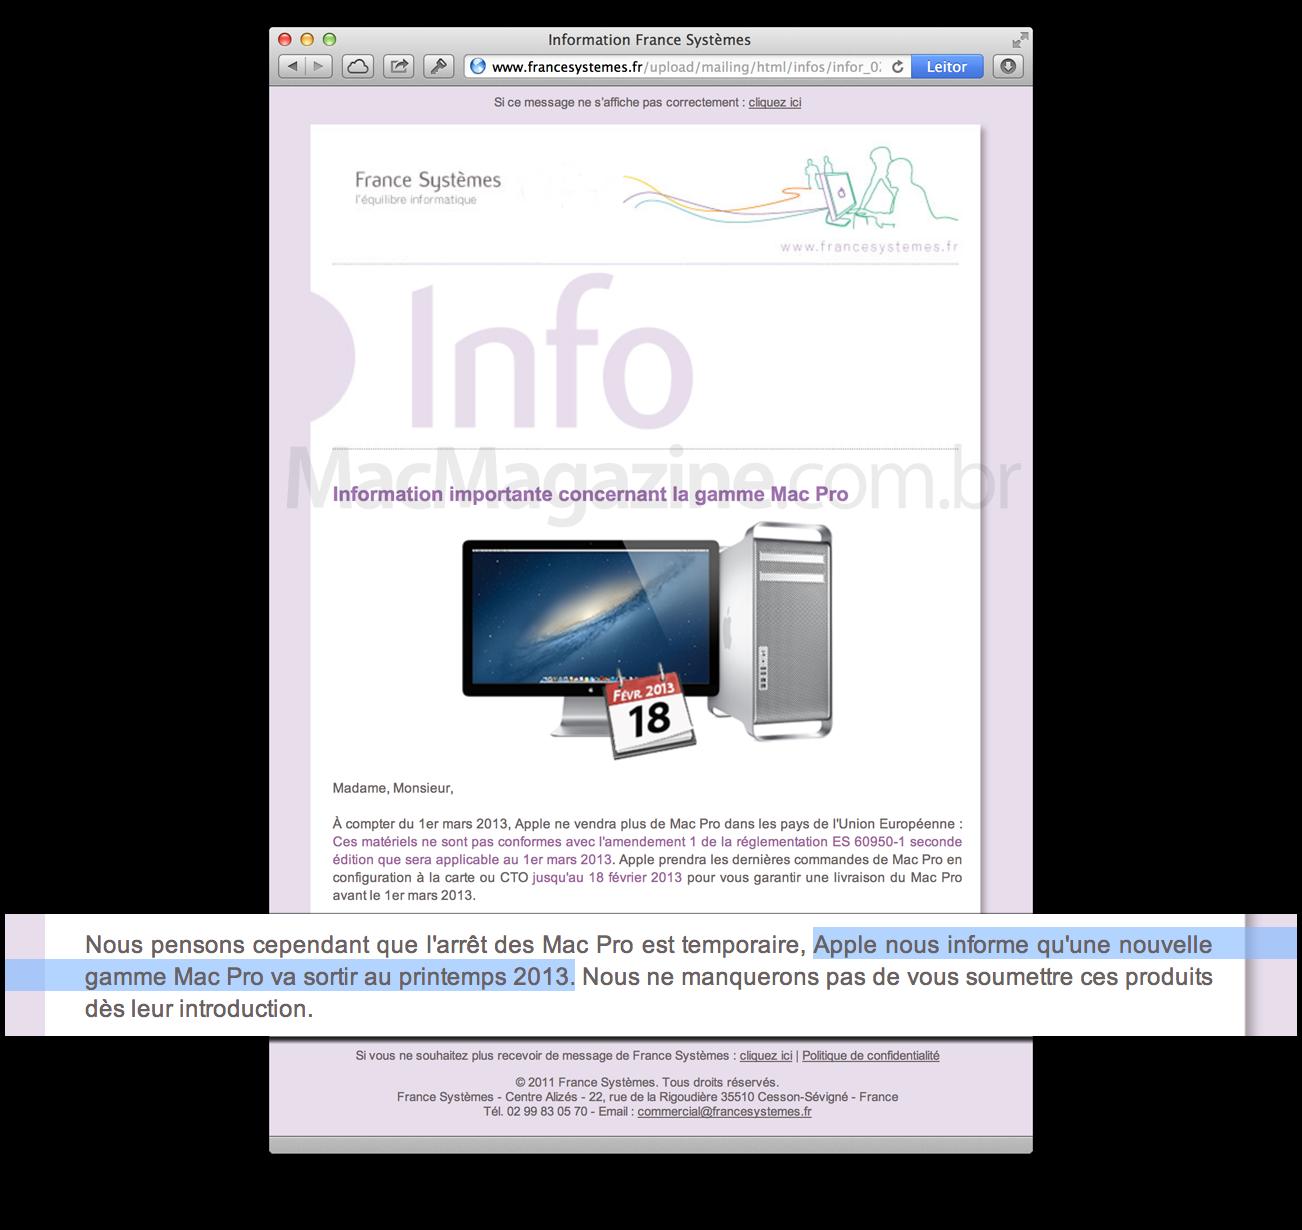 Newsletter de revenda francesa sobre o novo Mac Pro